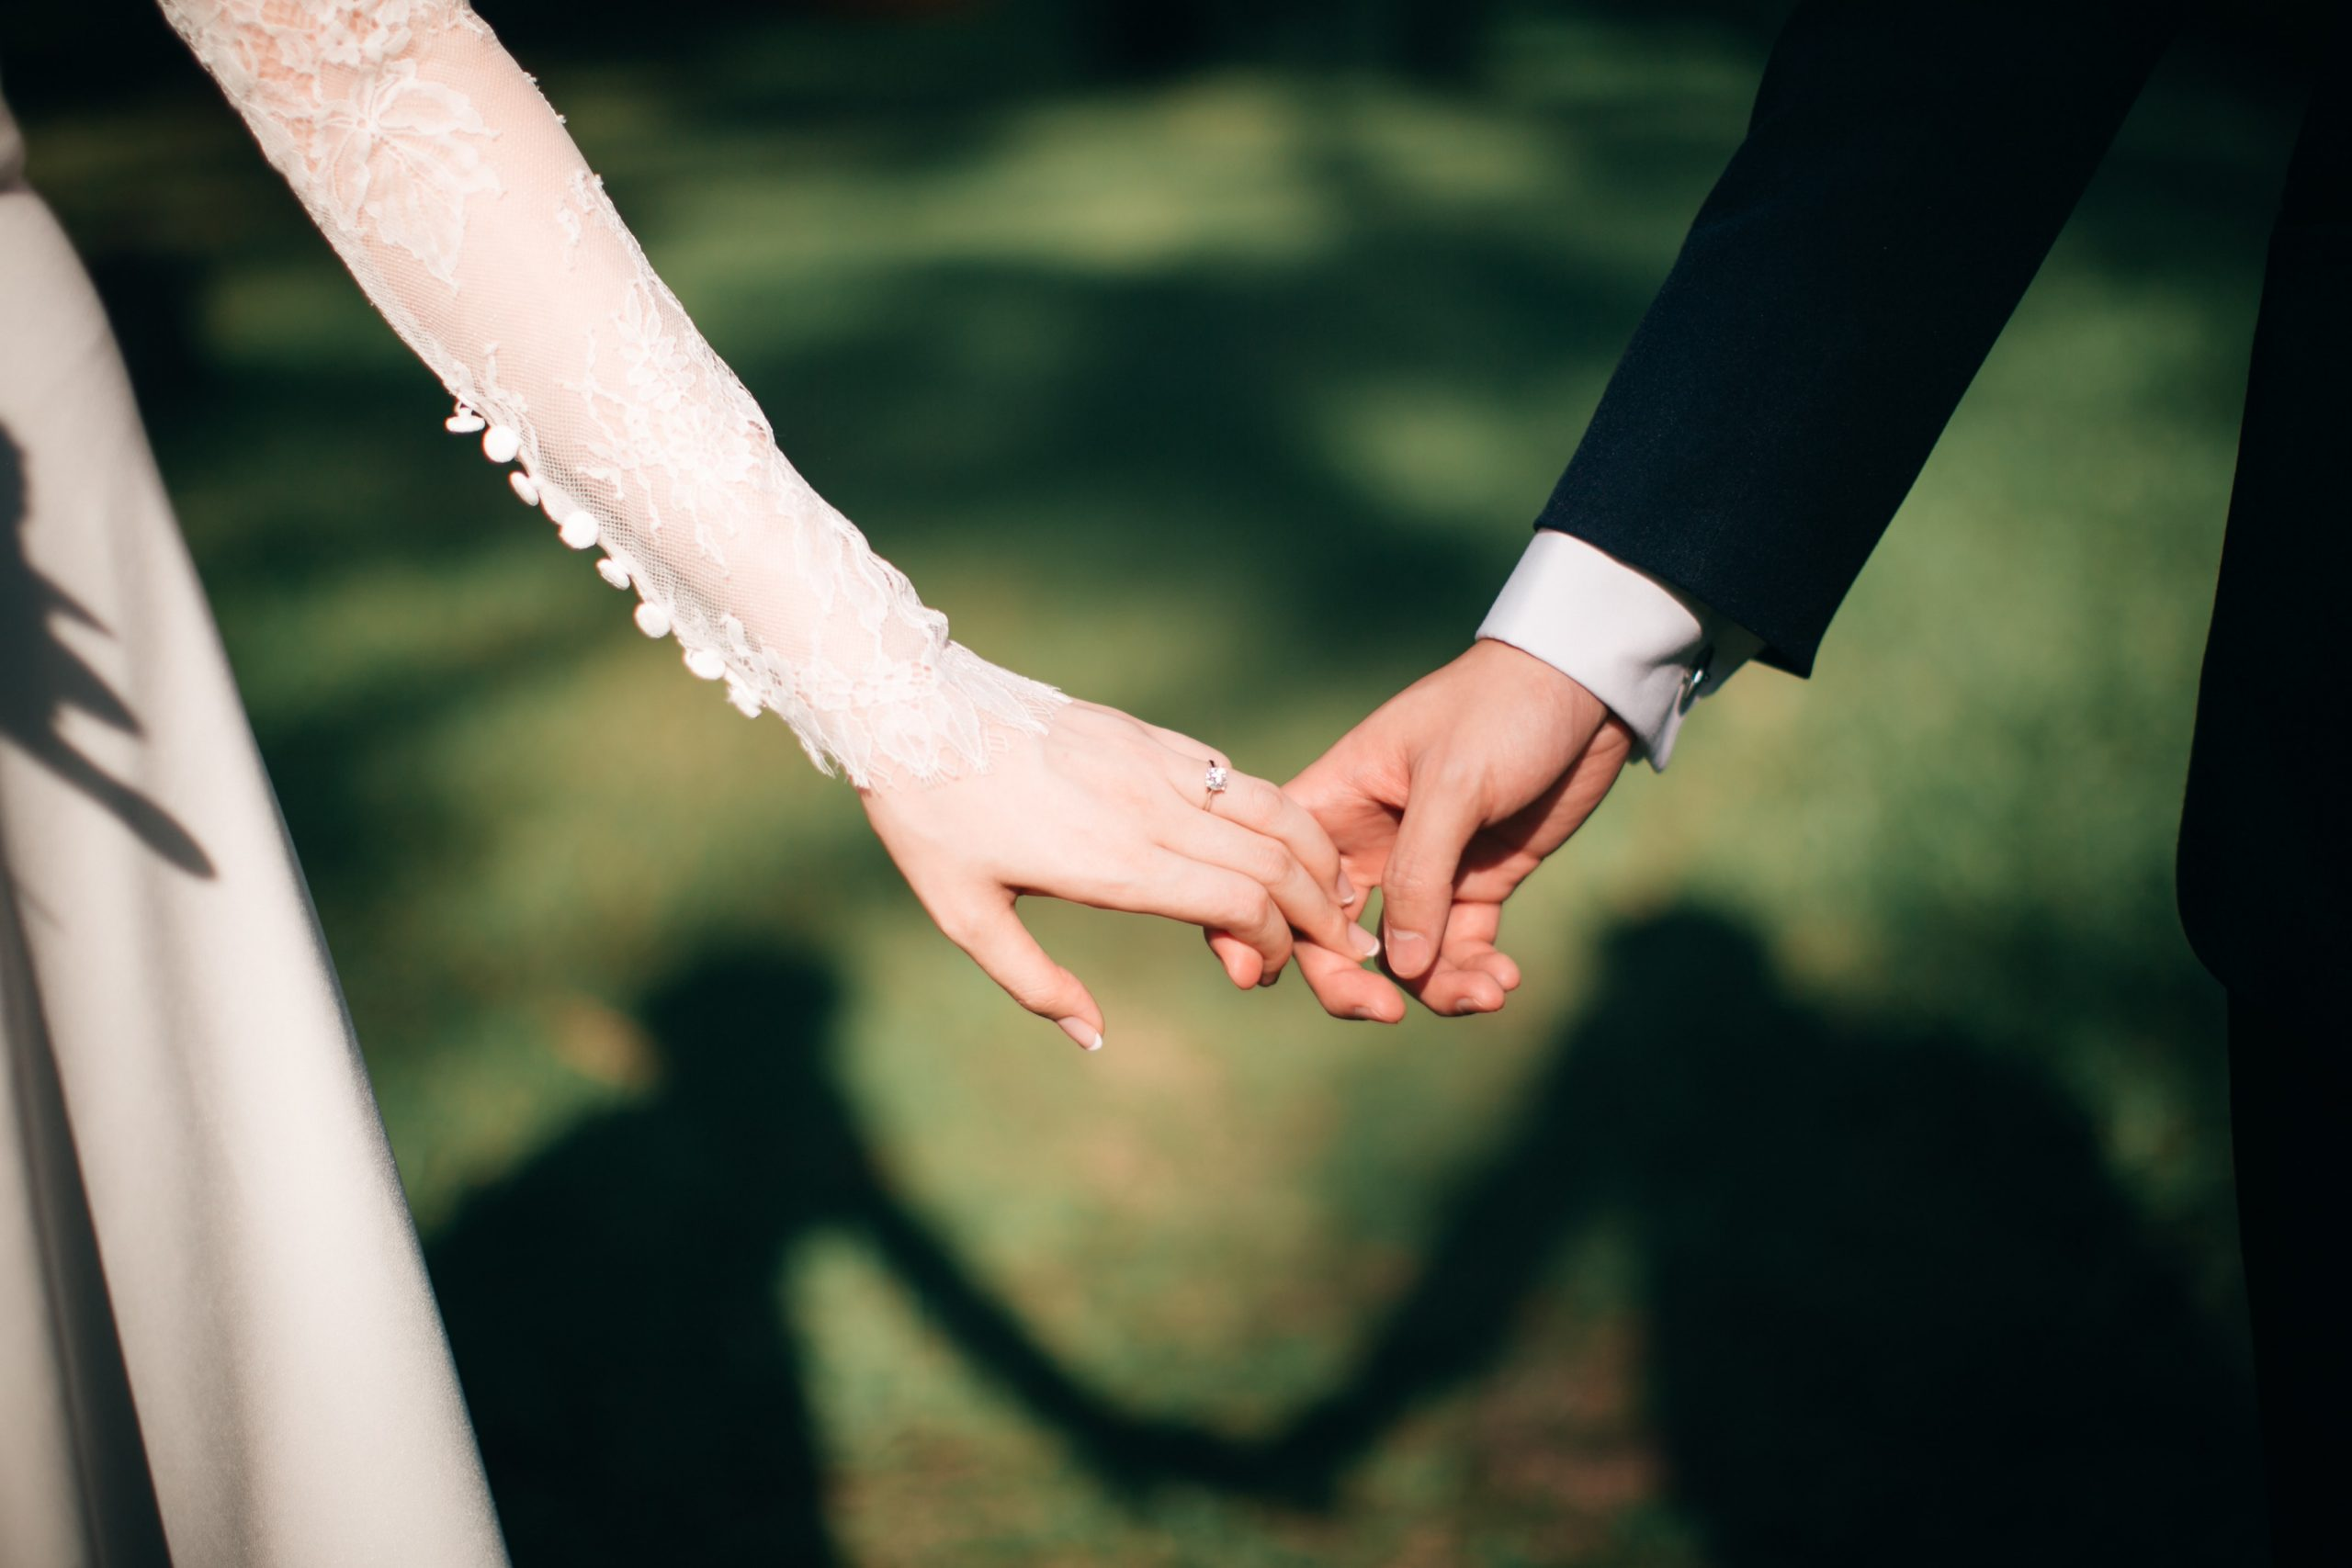 сватба списание в Кент: Как списания може да ви помогне да планирате перфектна сватба?